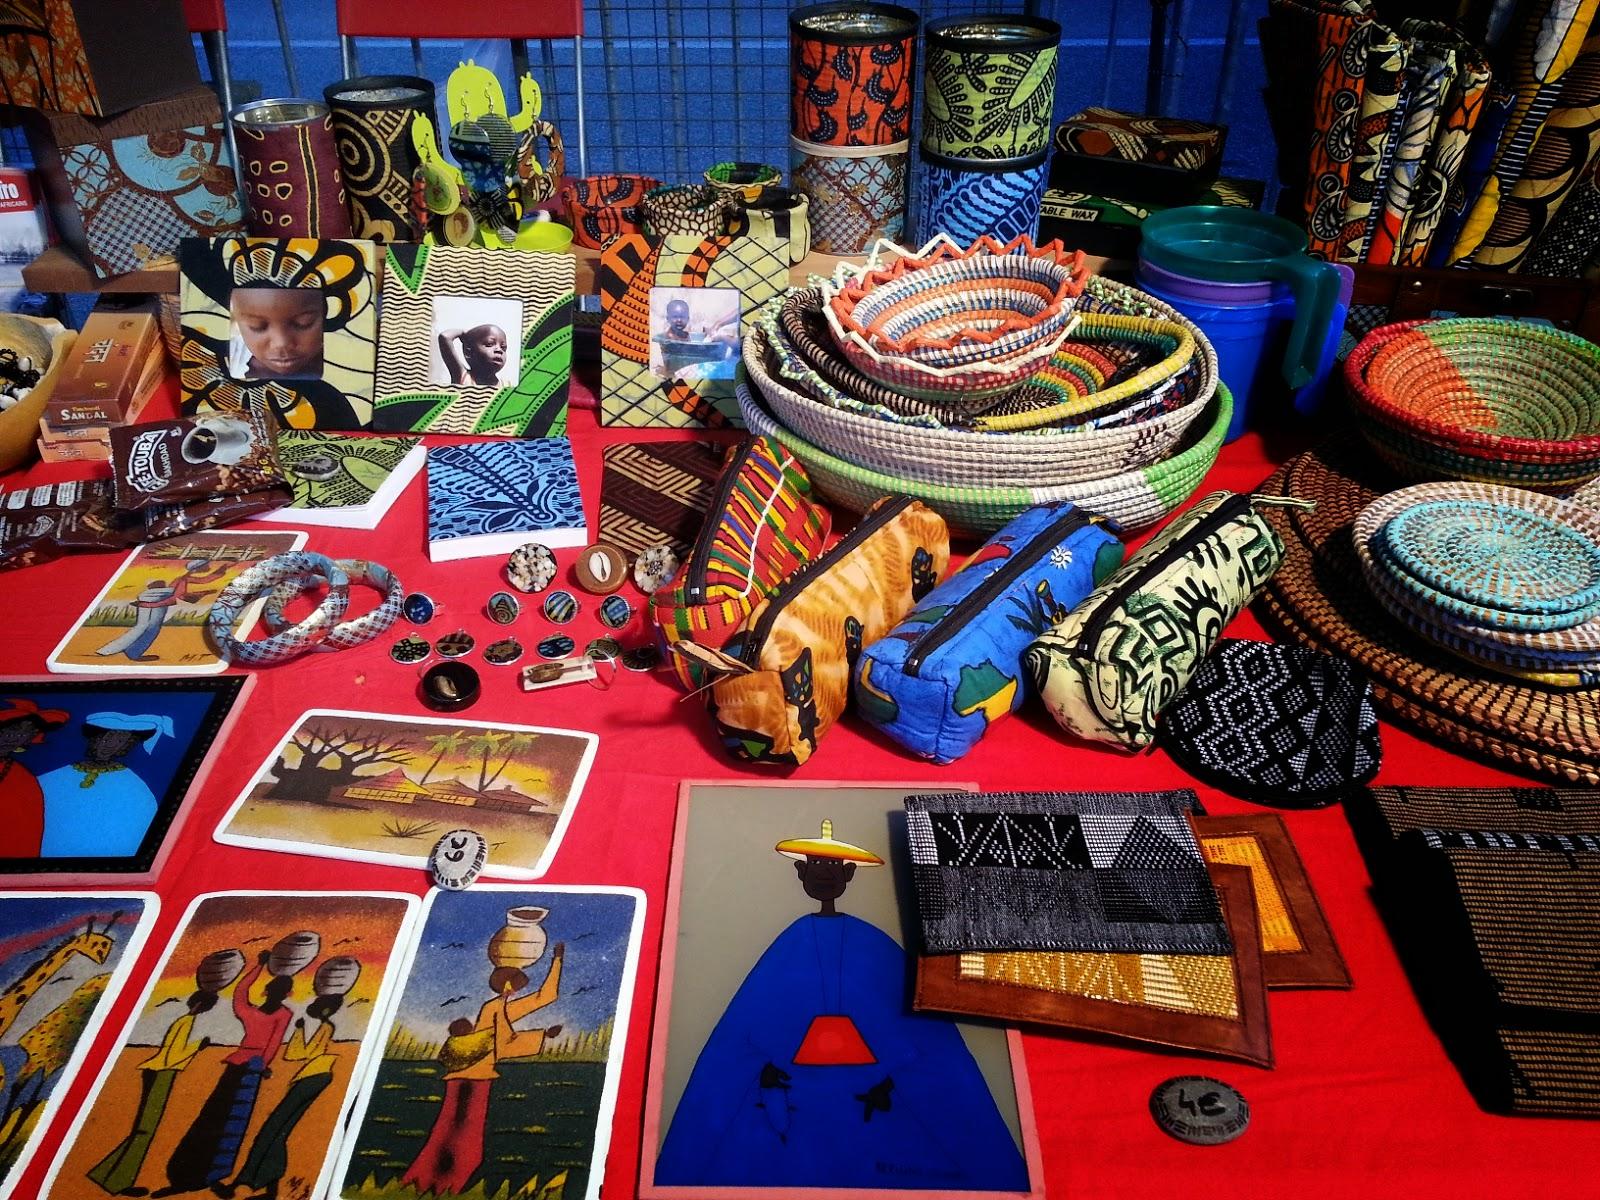 Objets d'artisanat sur le stand de marché de Sunu Africa